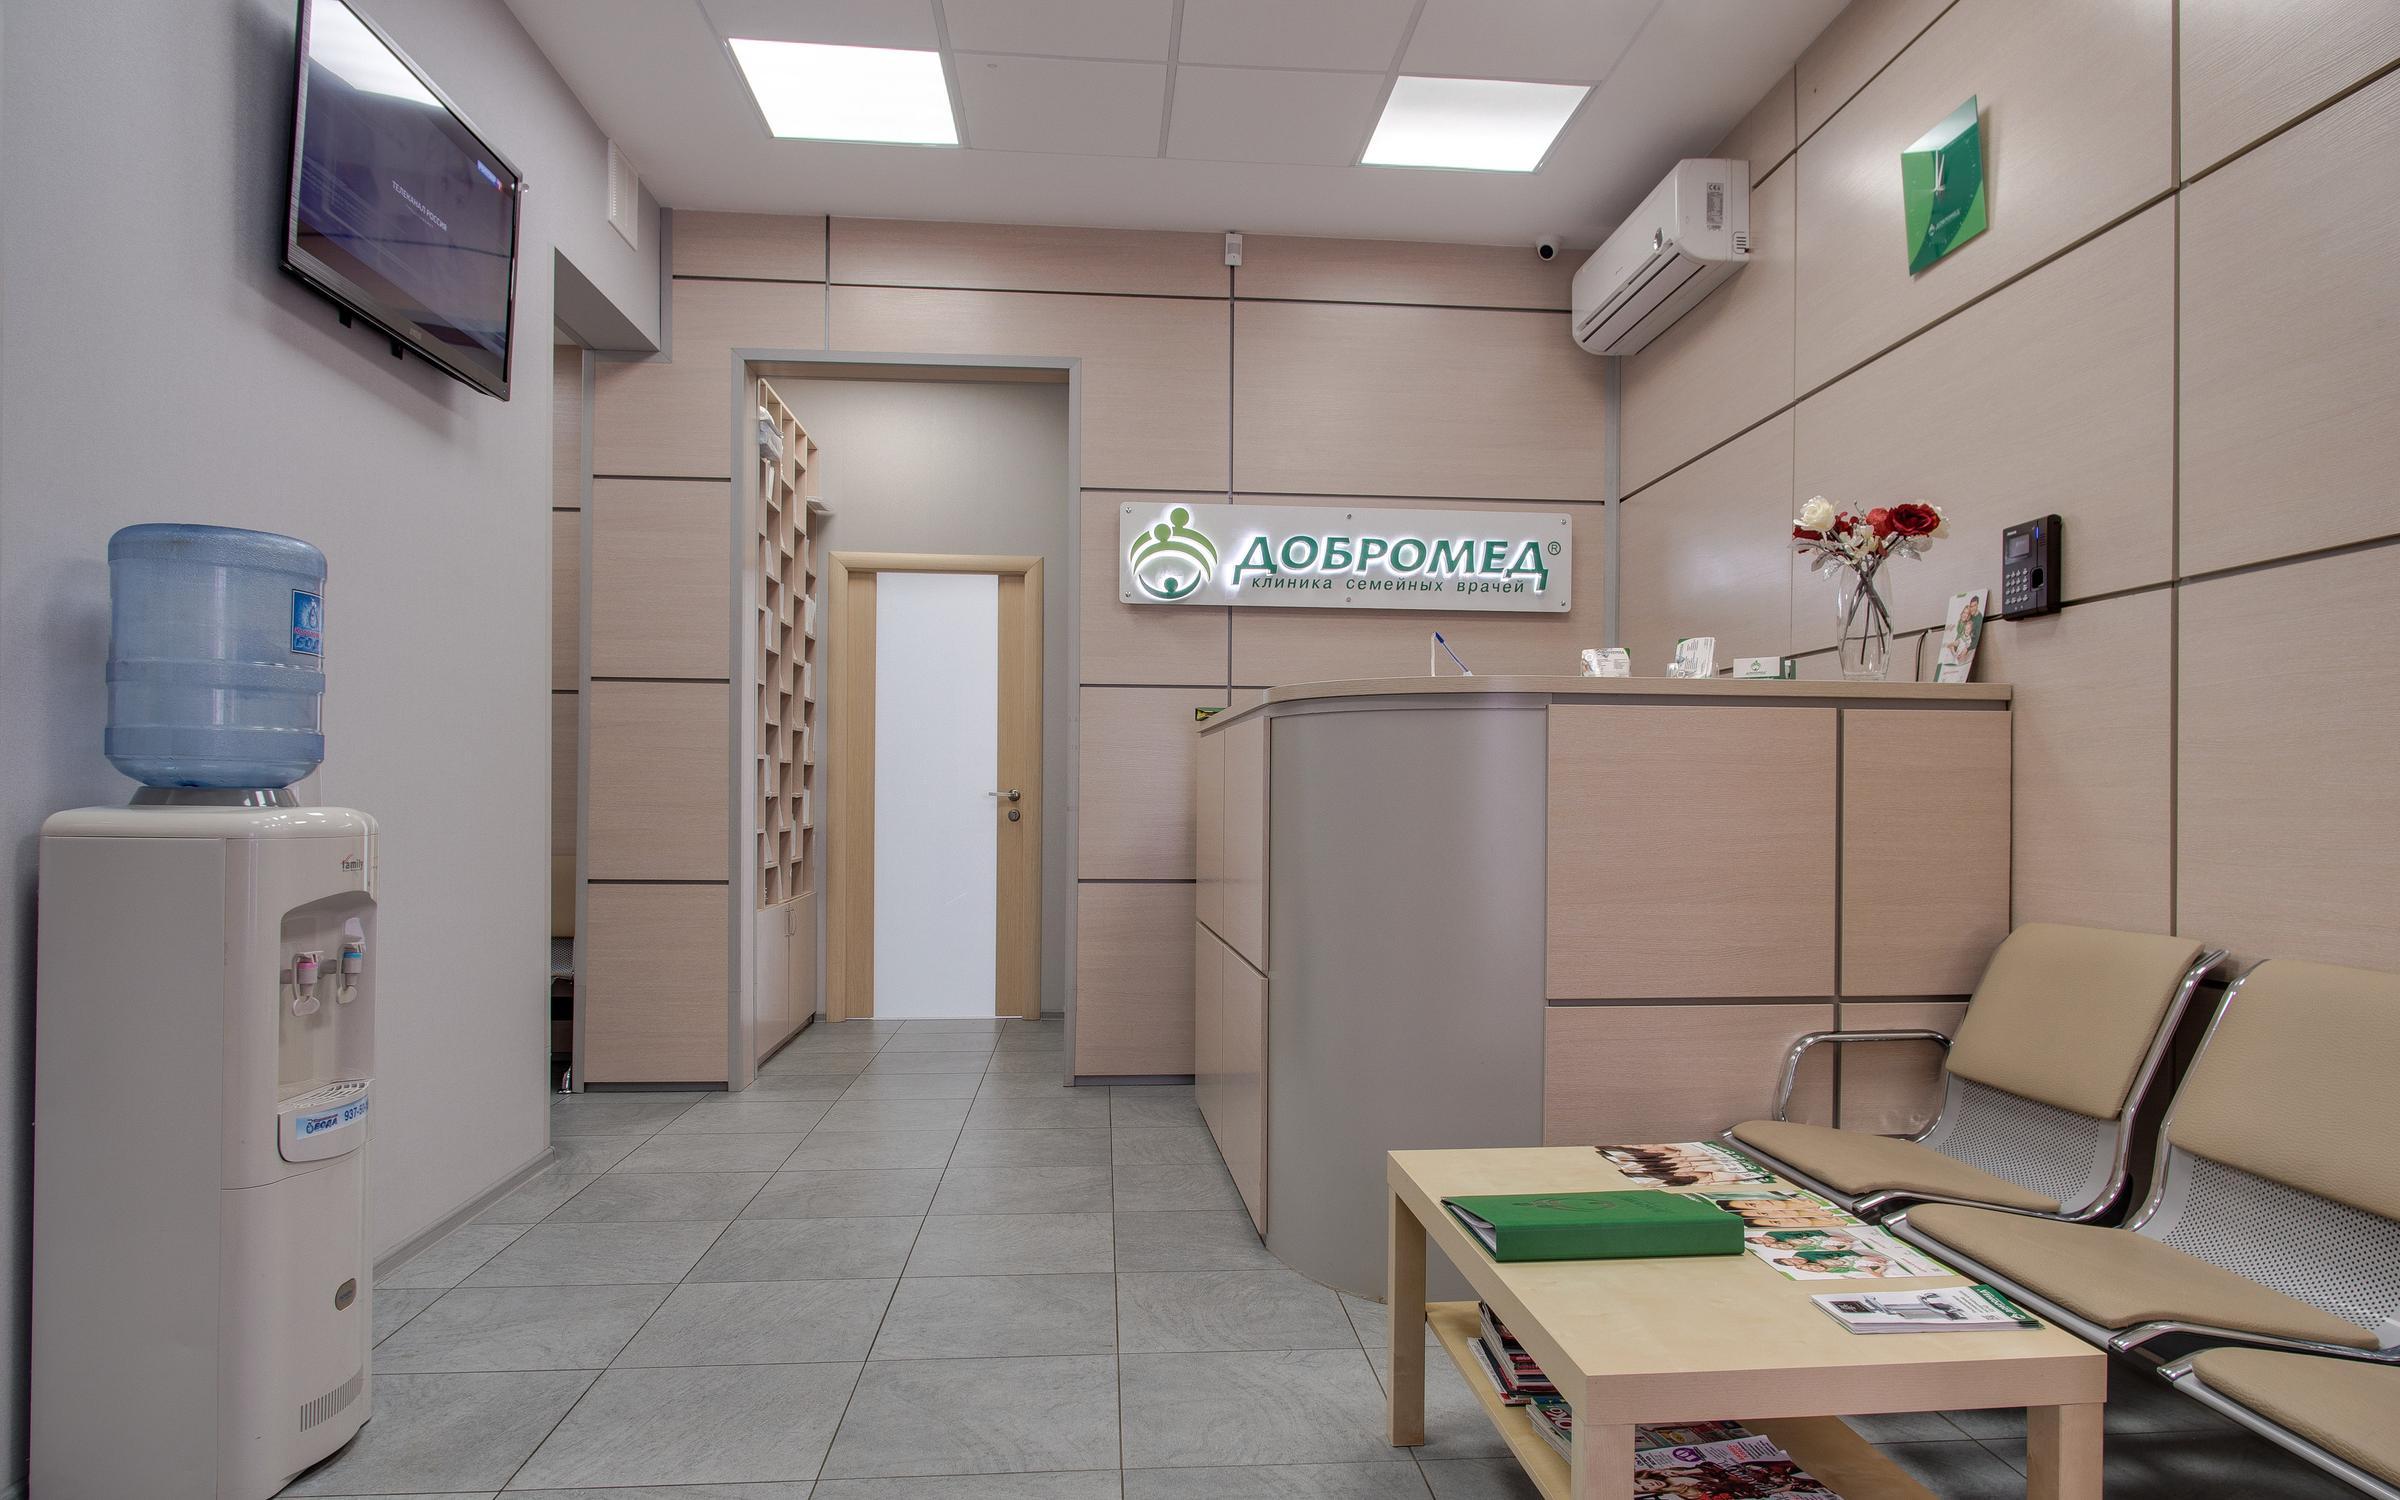 фотография Клиники Добромед в Раменках